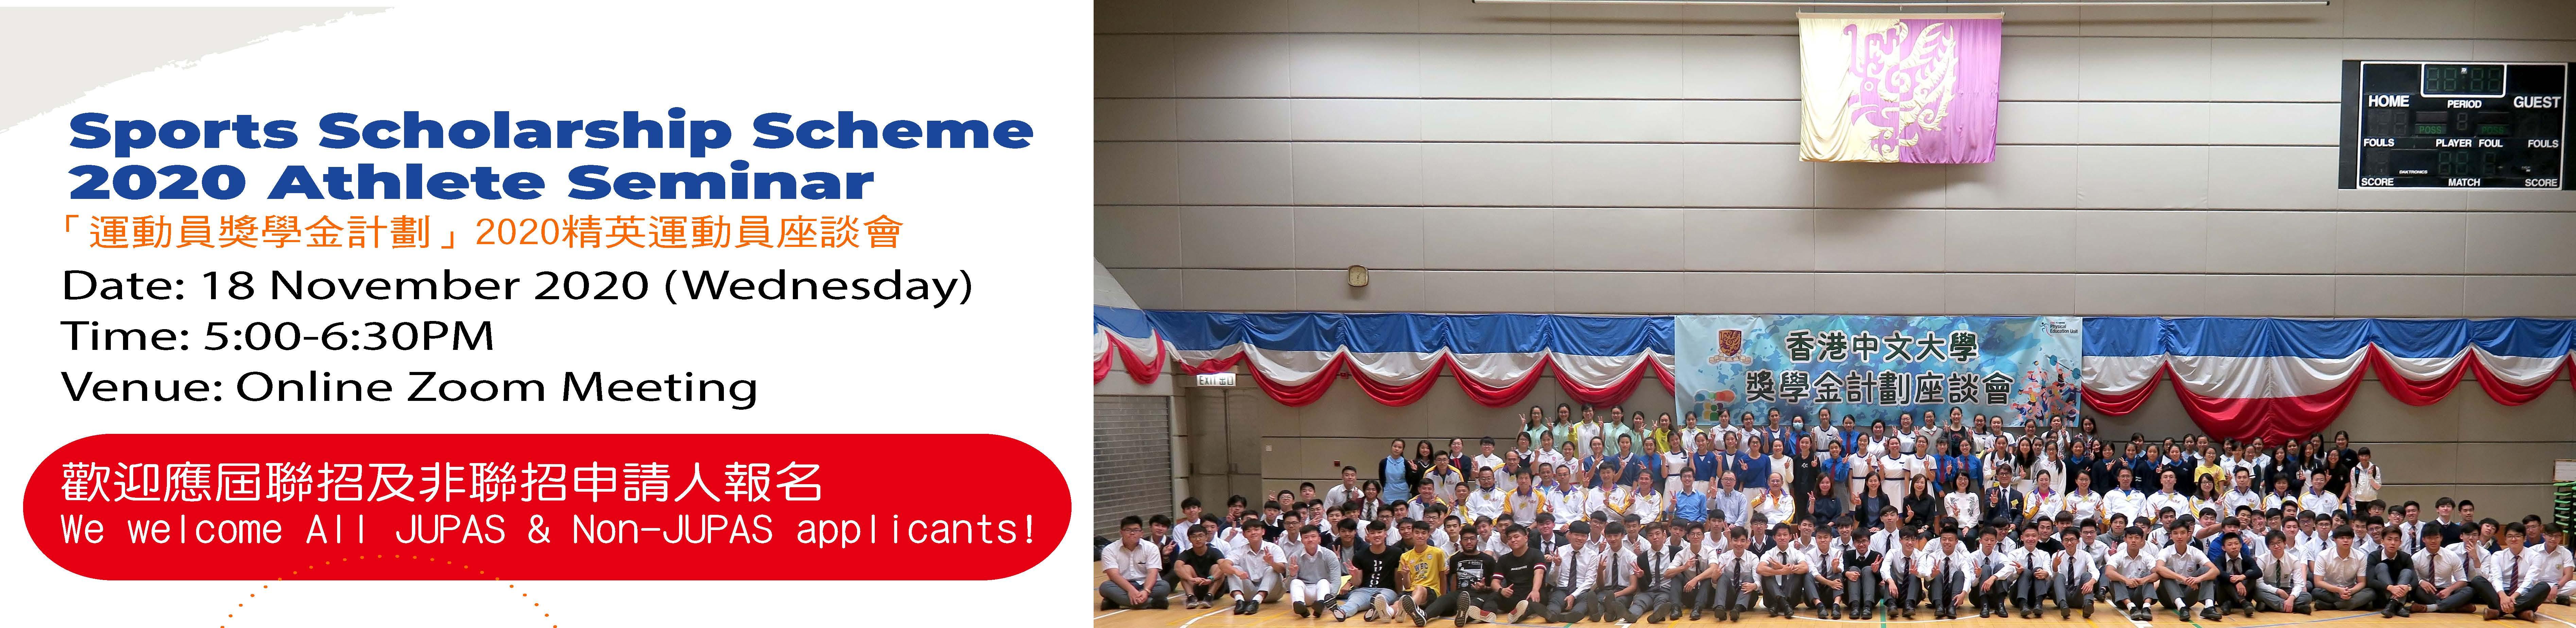 20191101 sss seminar promote v02